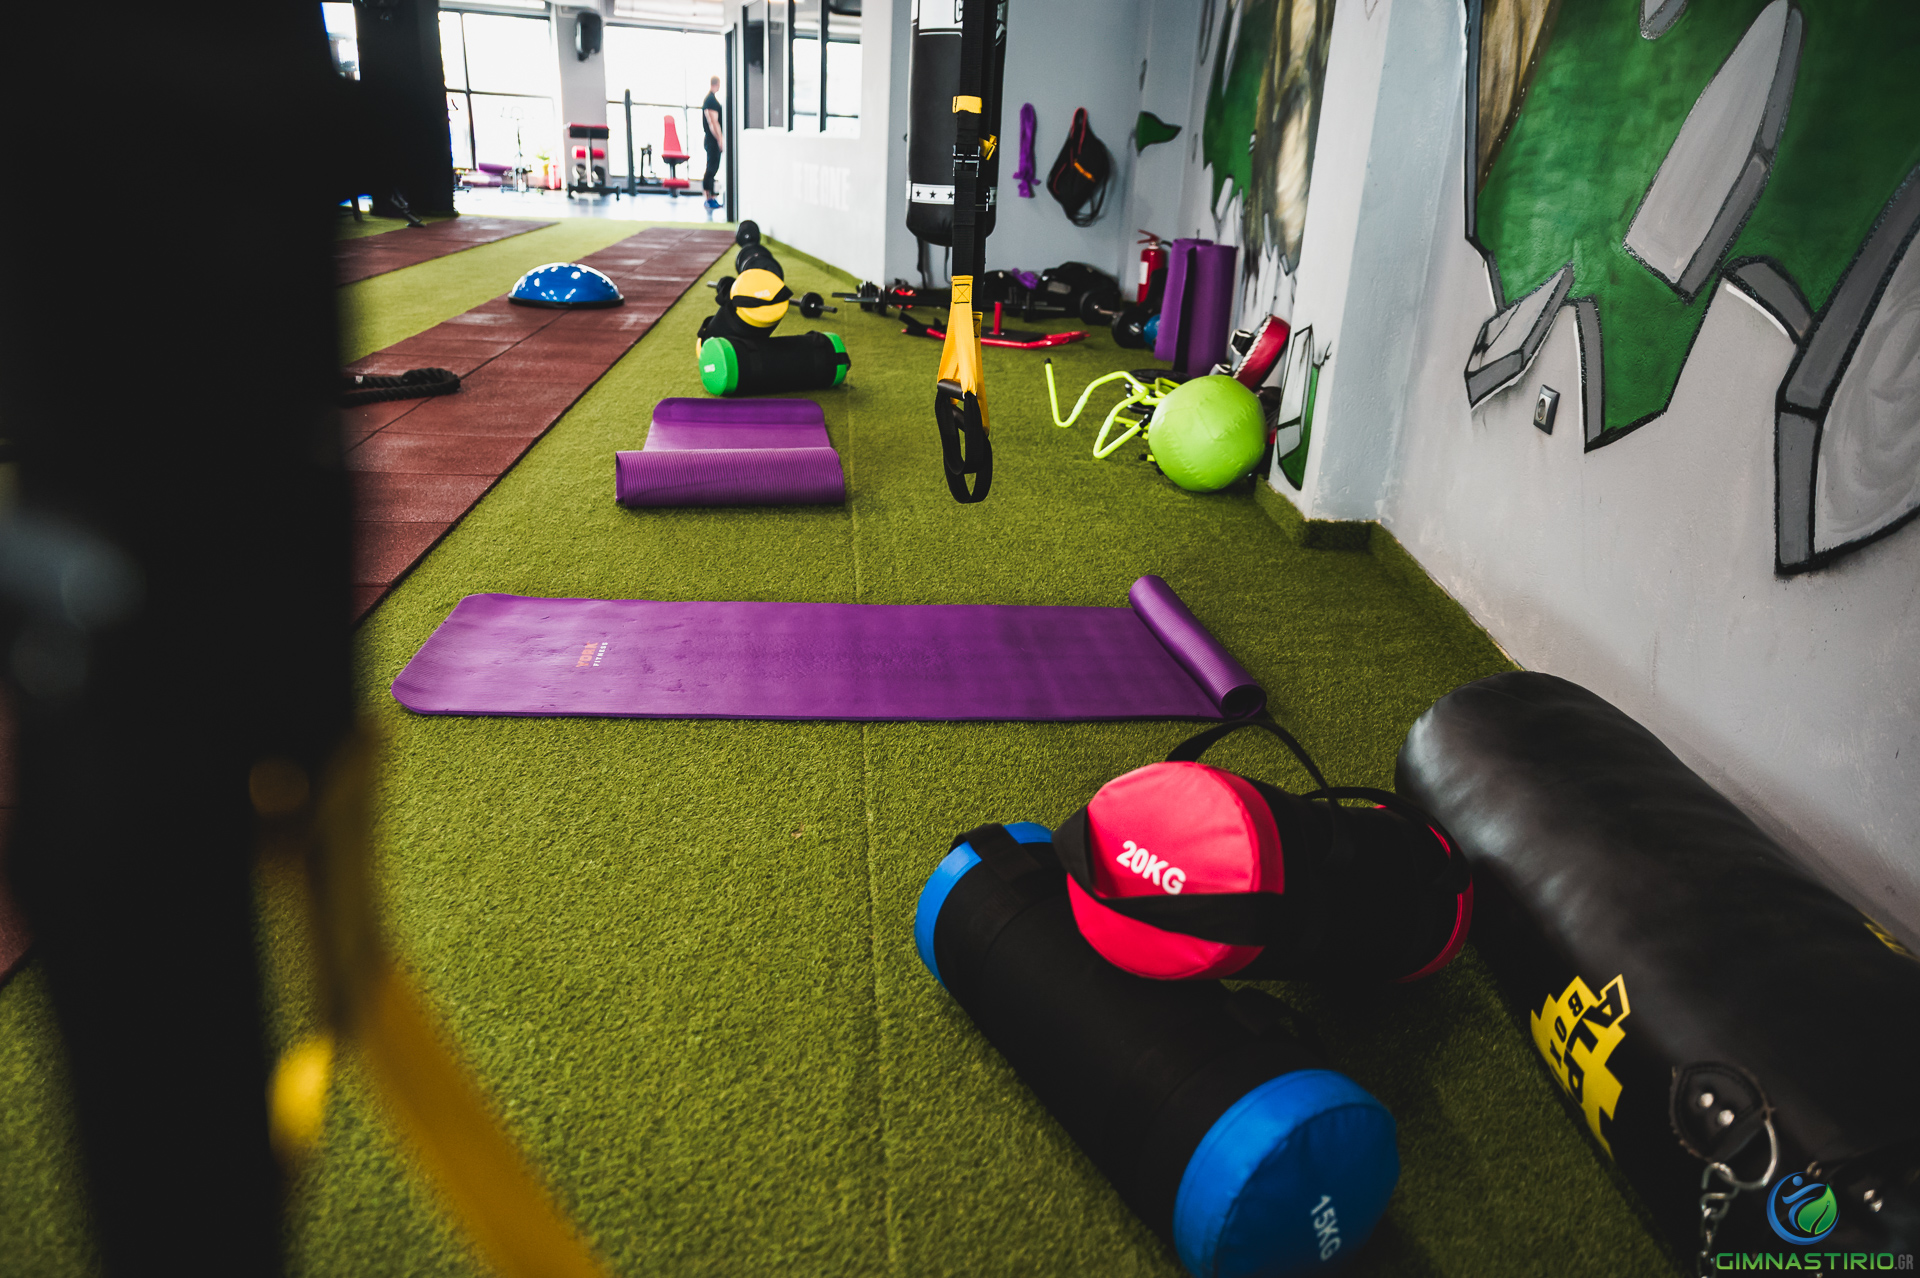 39€ για δώδεκα (12) συνεδρίες Functional Training σε Group έως 6 άτομα στο νεοσύστατο Personal Studio Be the one Number1 στην Ηλιούπολη! Αρχικής αξίας 80€ - Έκπτωση 51%